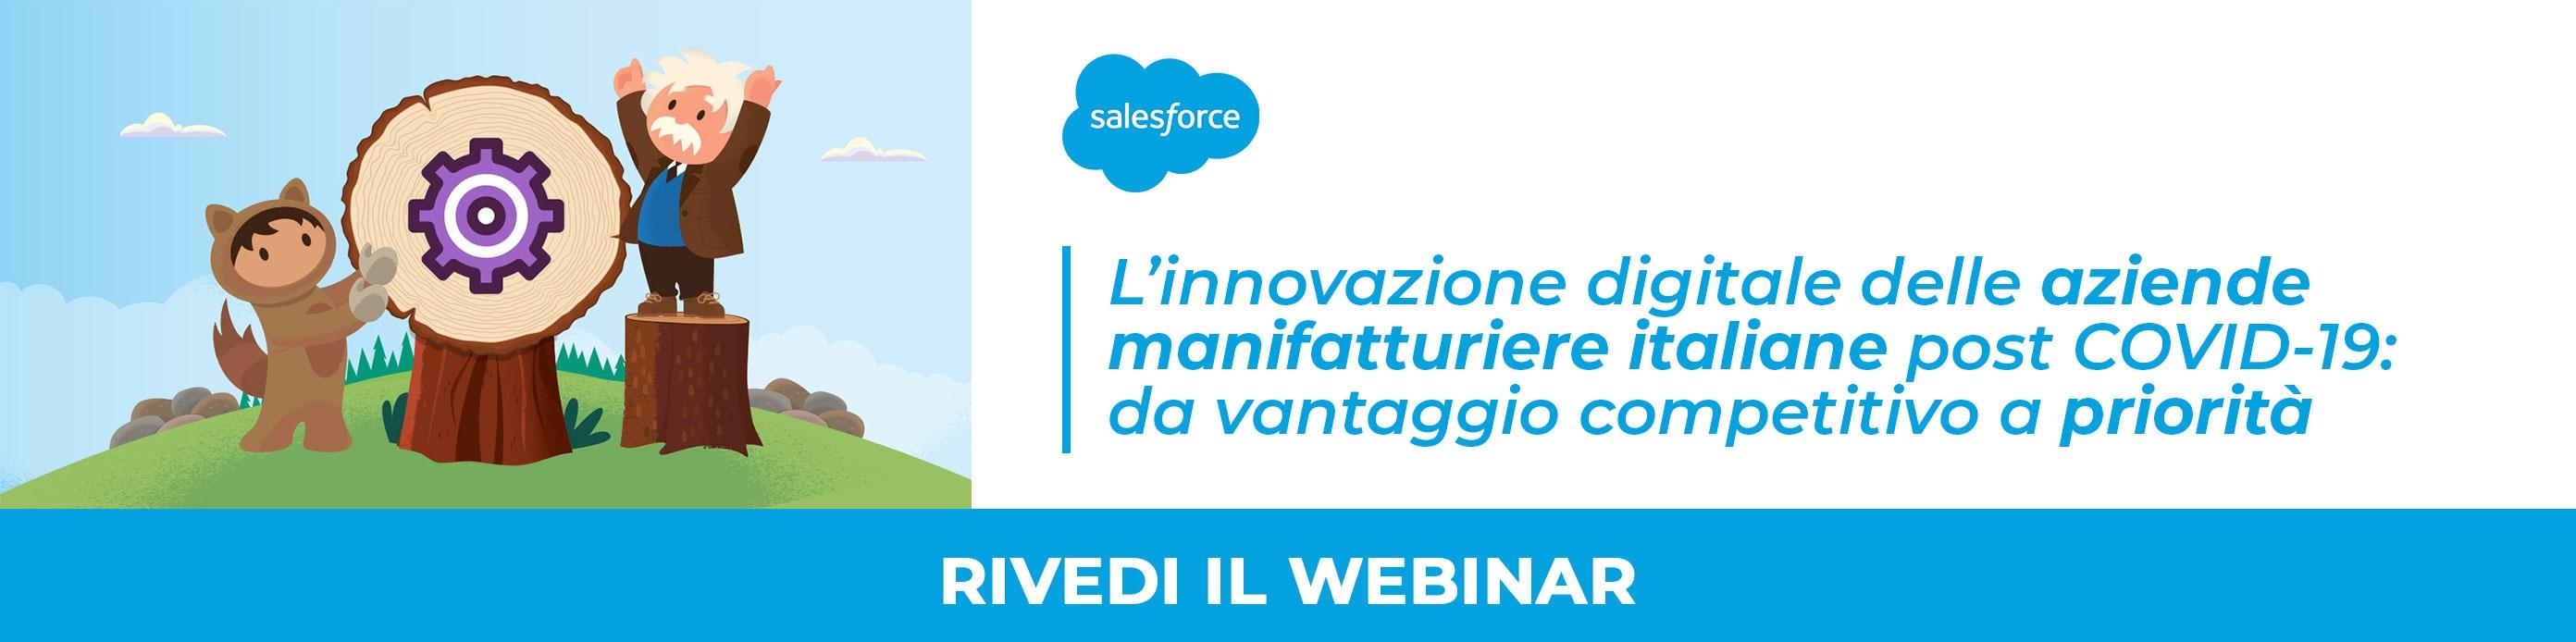 Rivedi il webinar: l'innovazione digitale delle aziende manufatturiere italiane post COVID-19